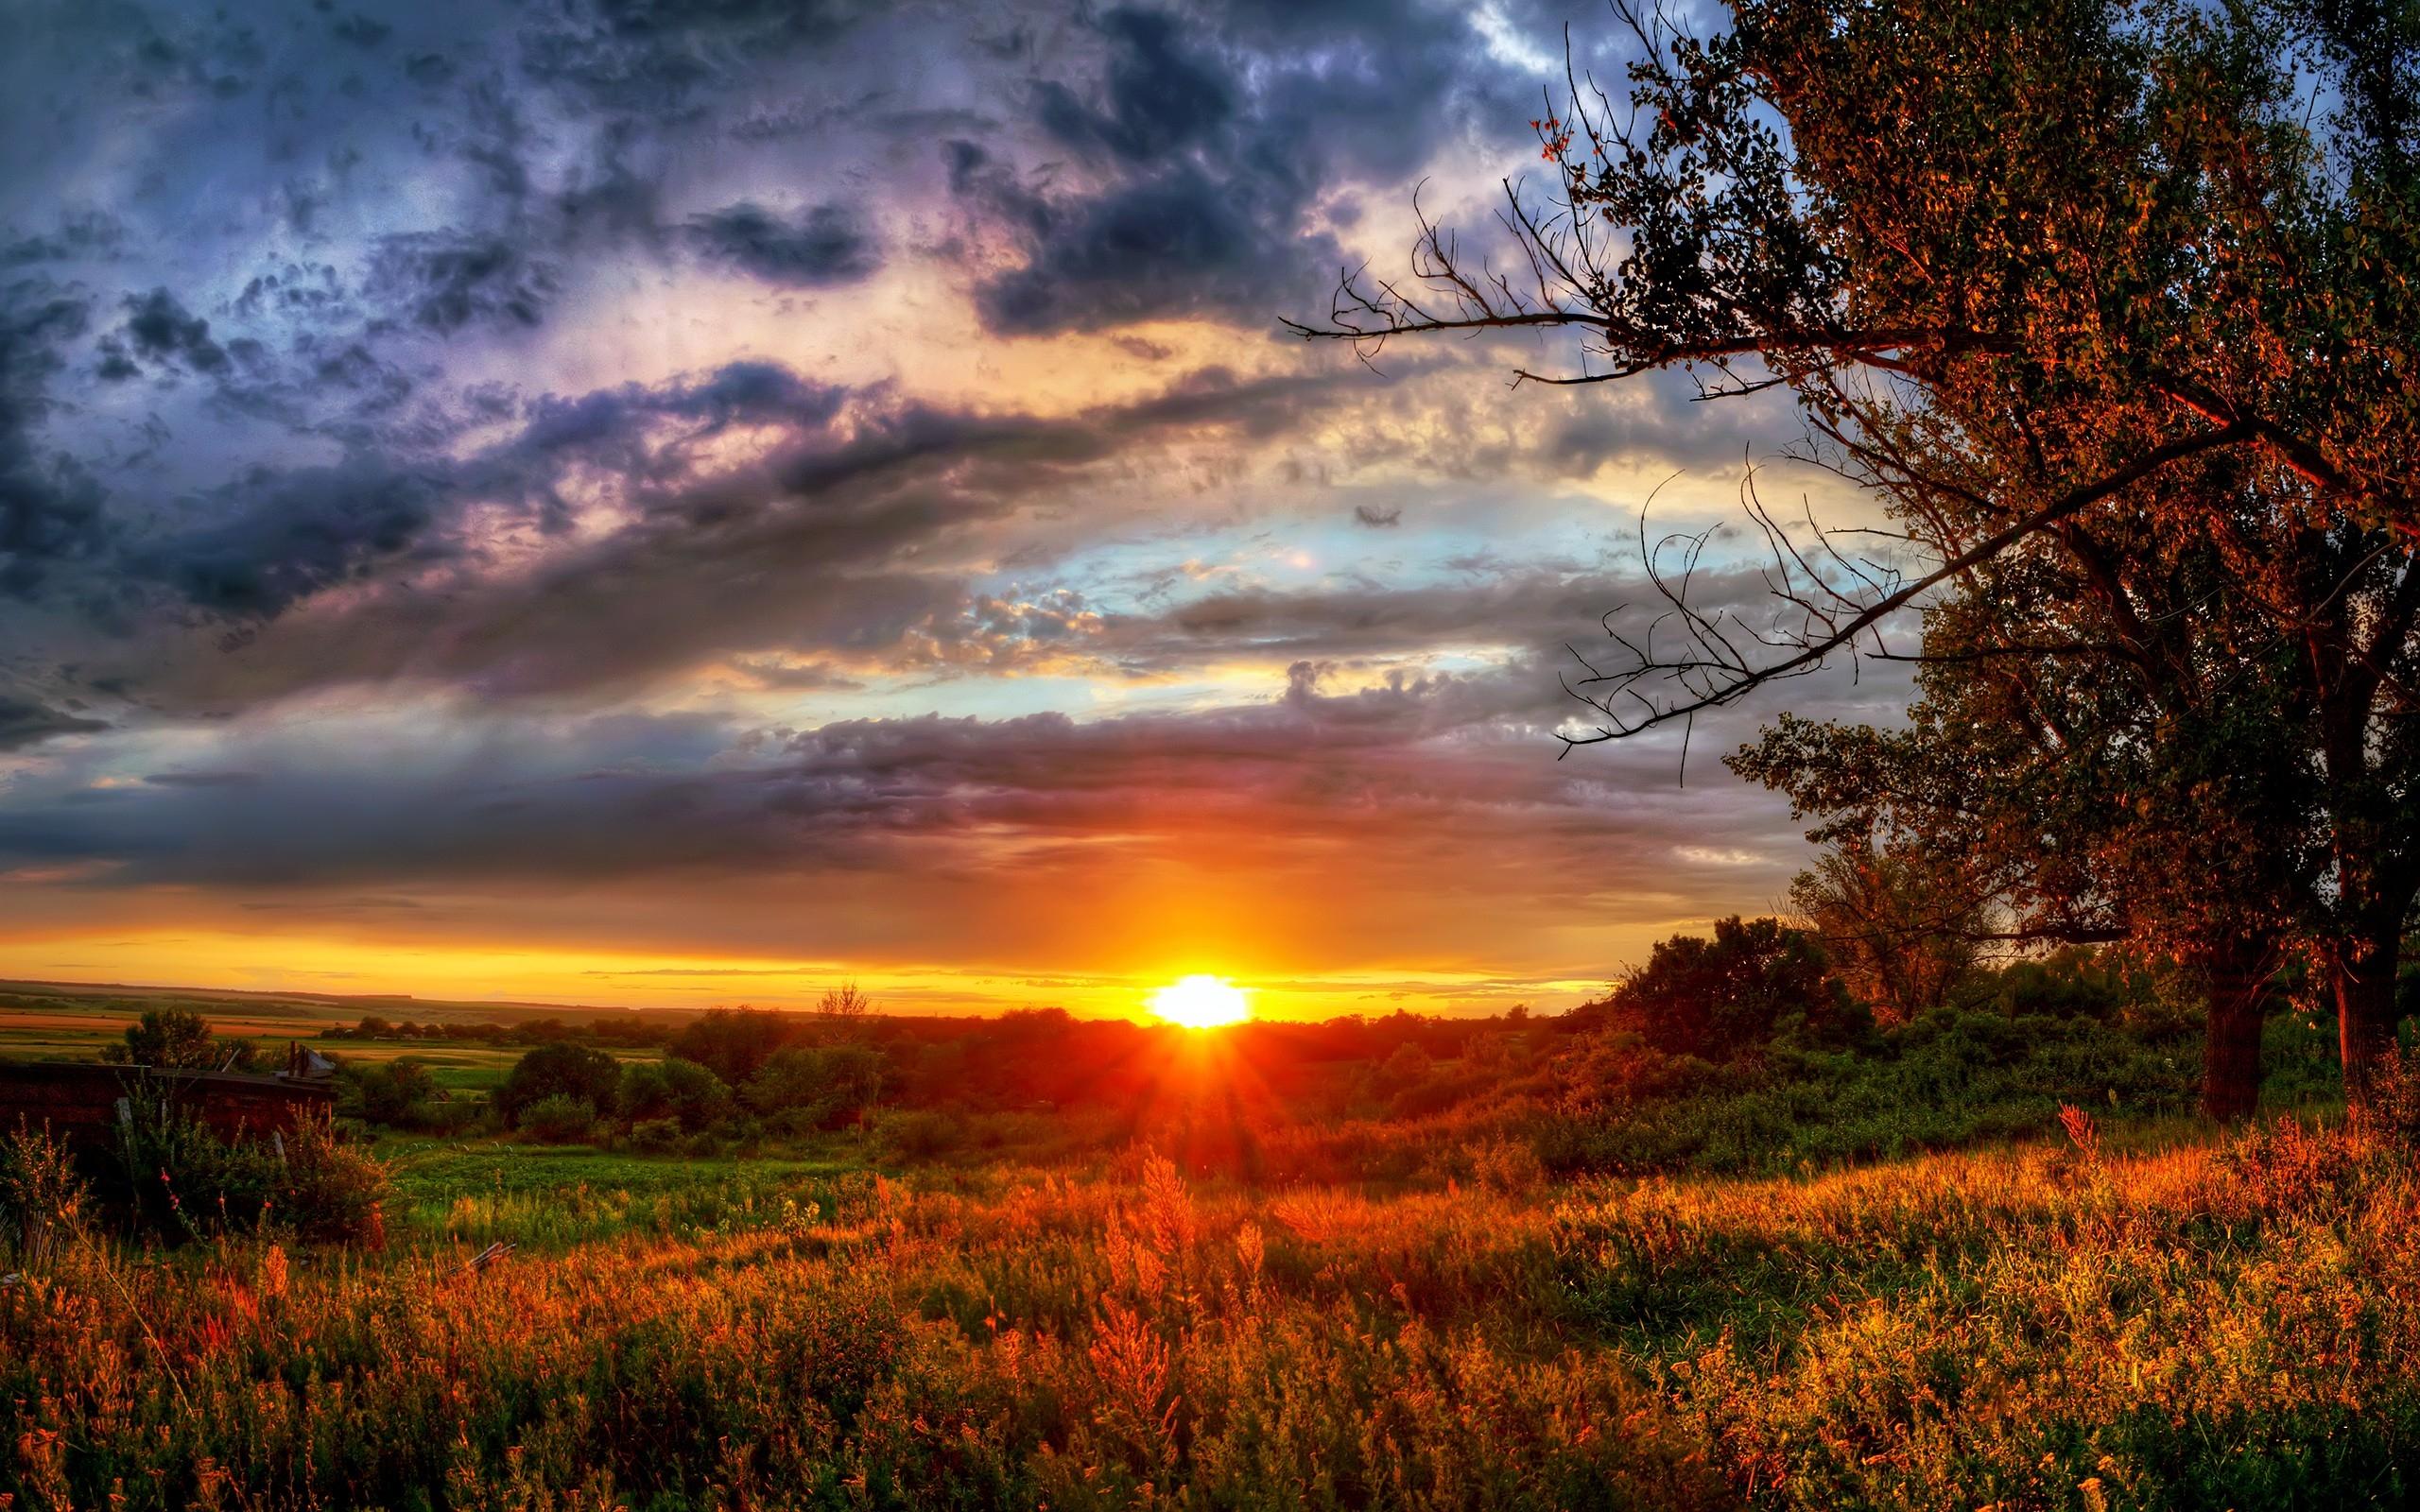 солнца картинки природы заката